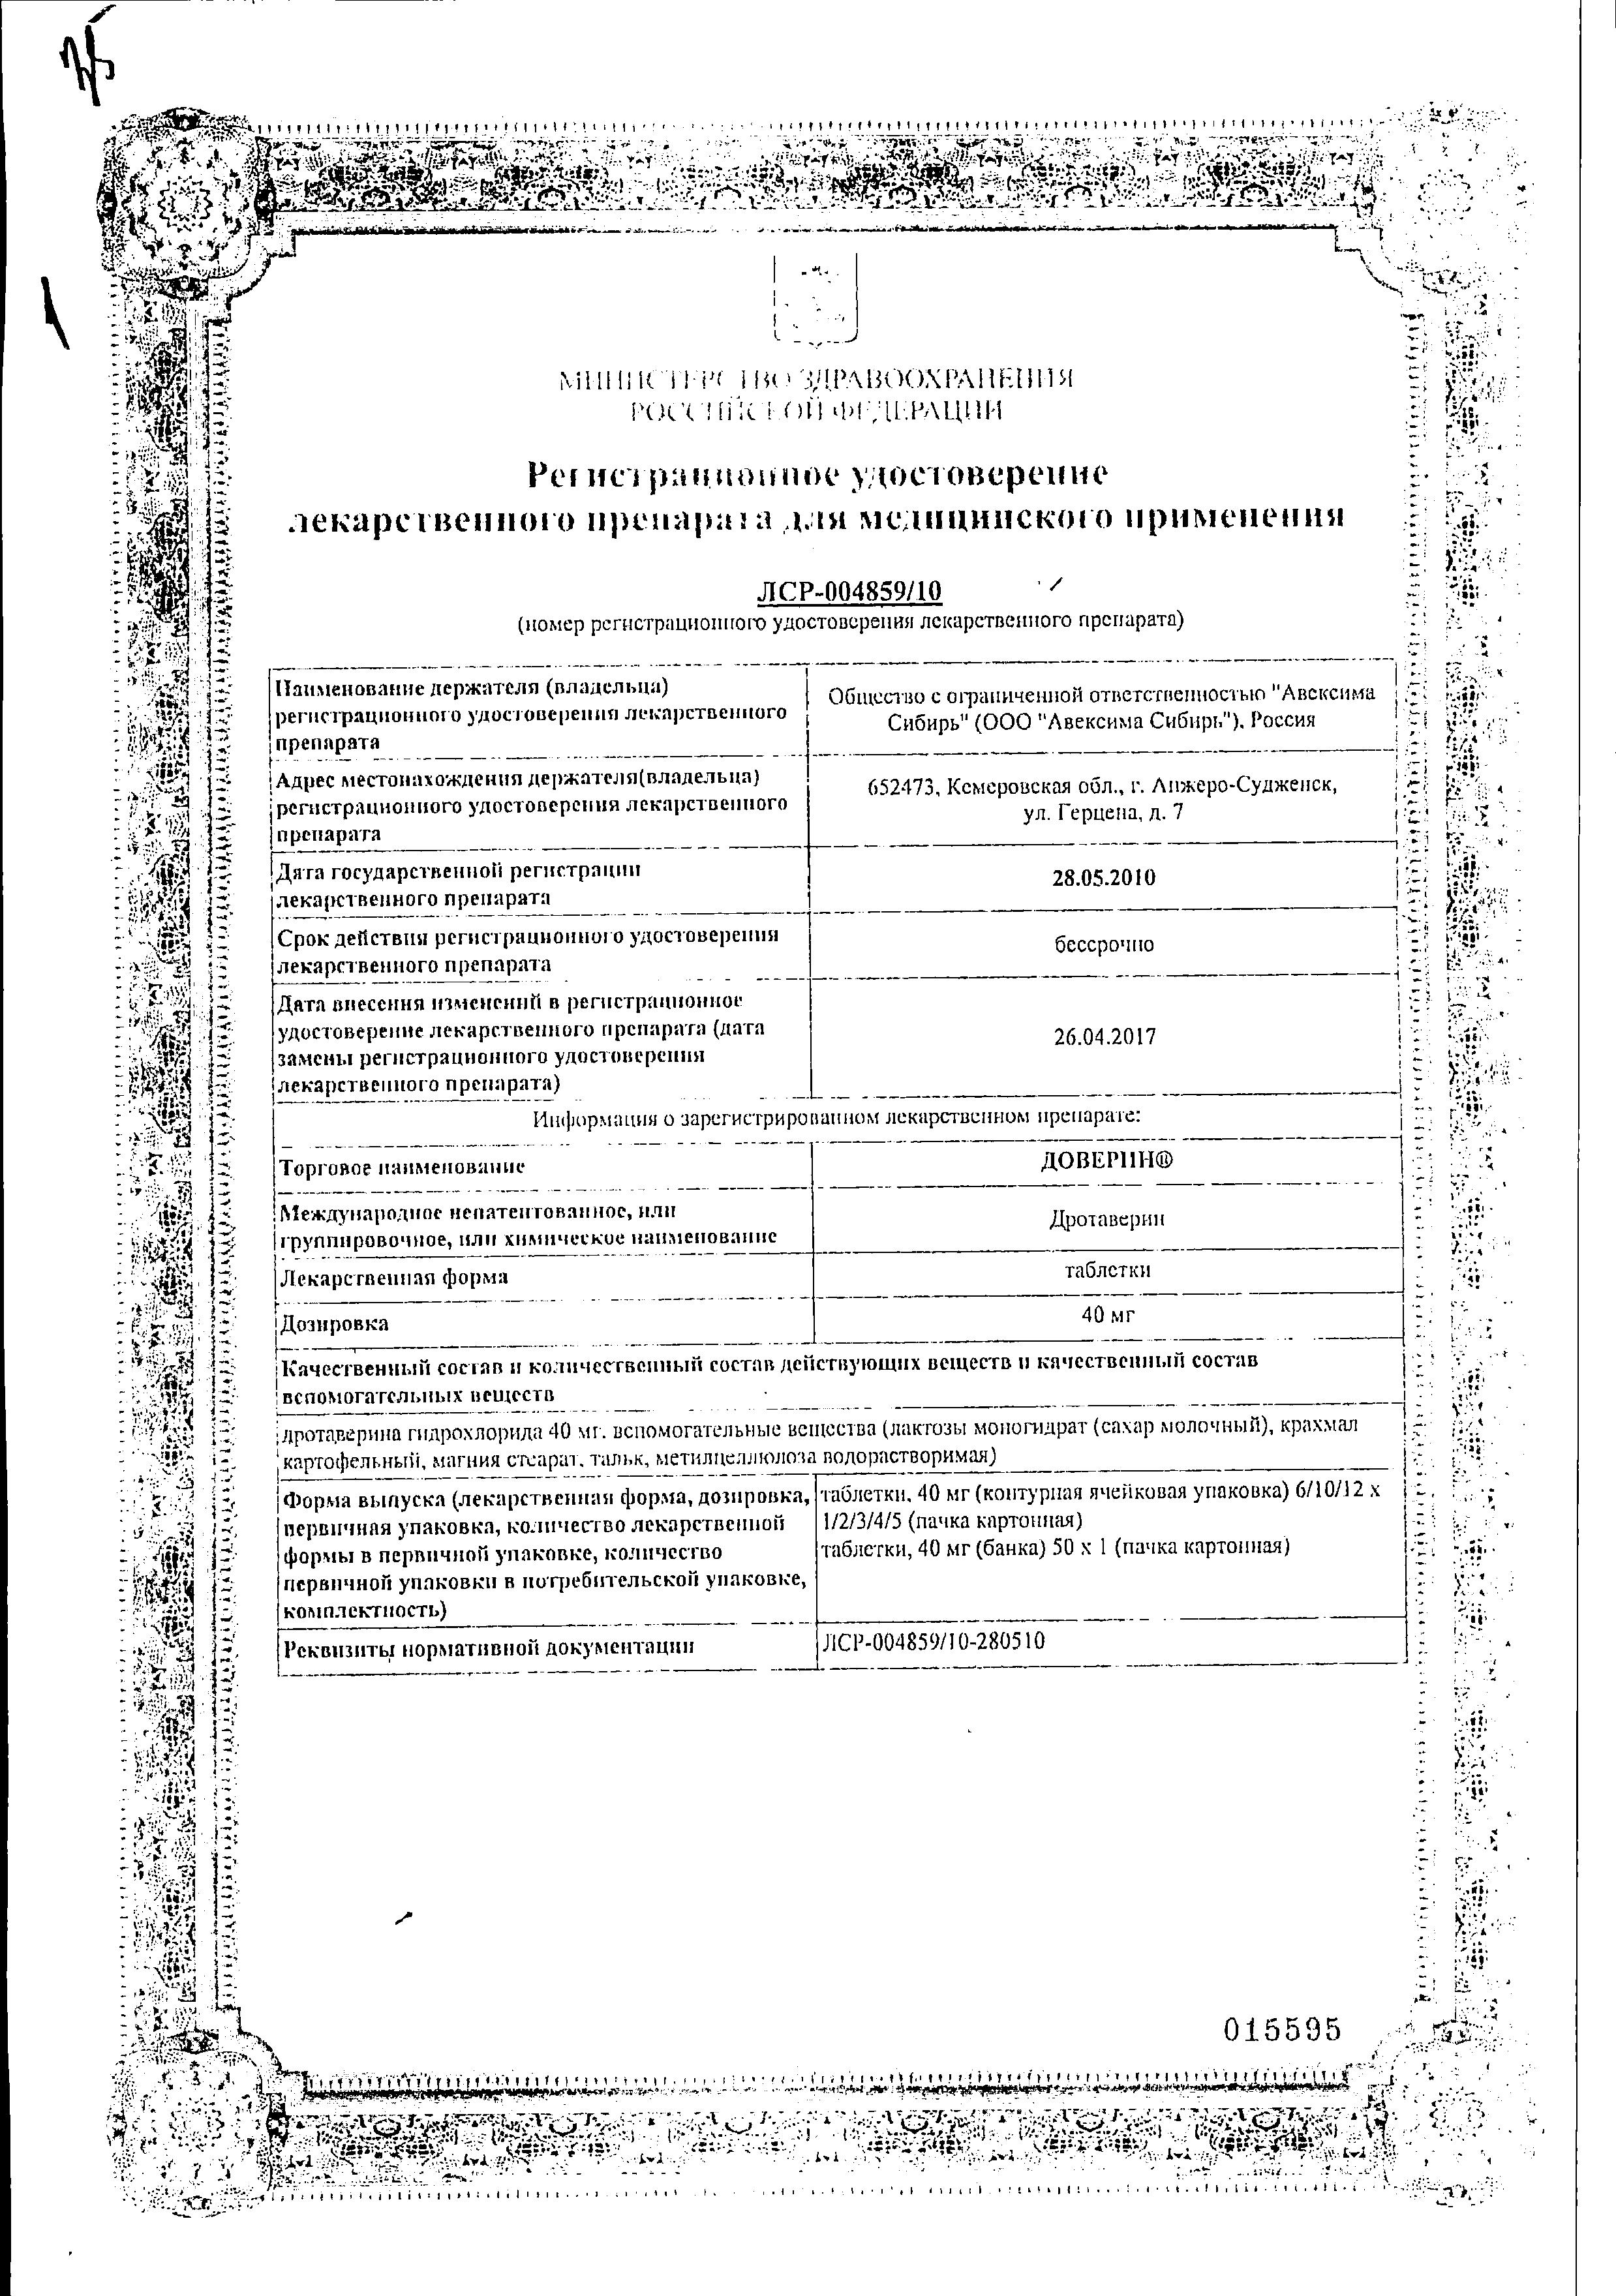 Доверин сертификат